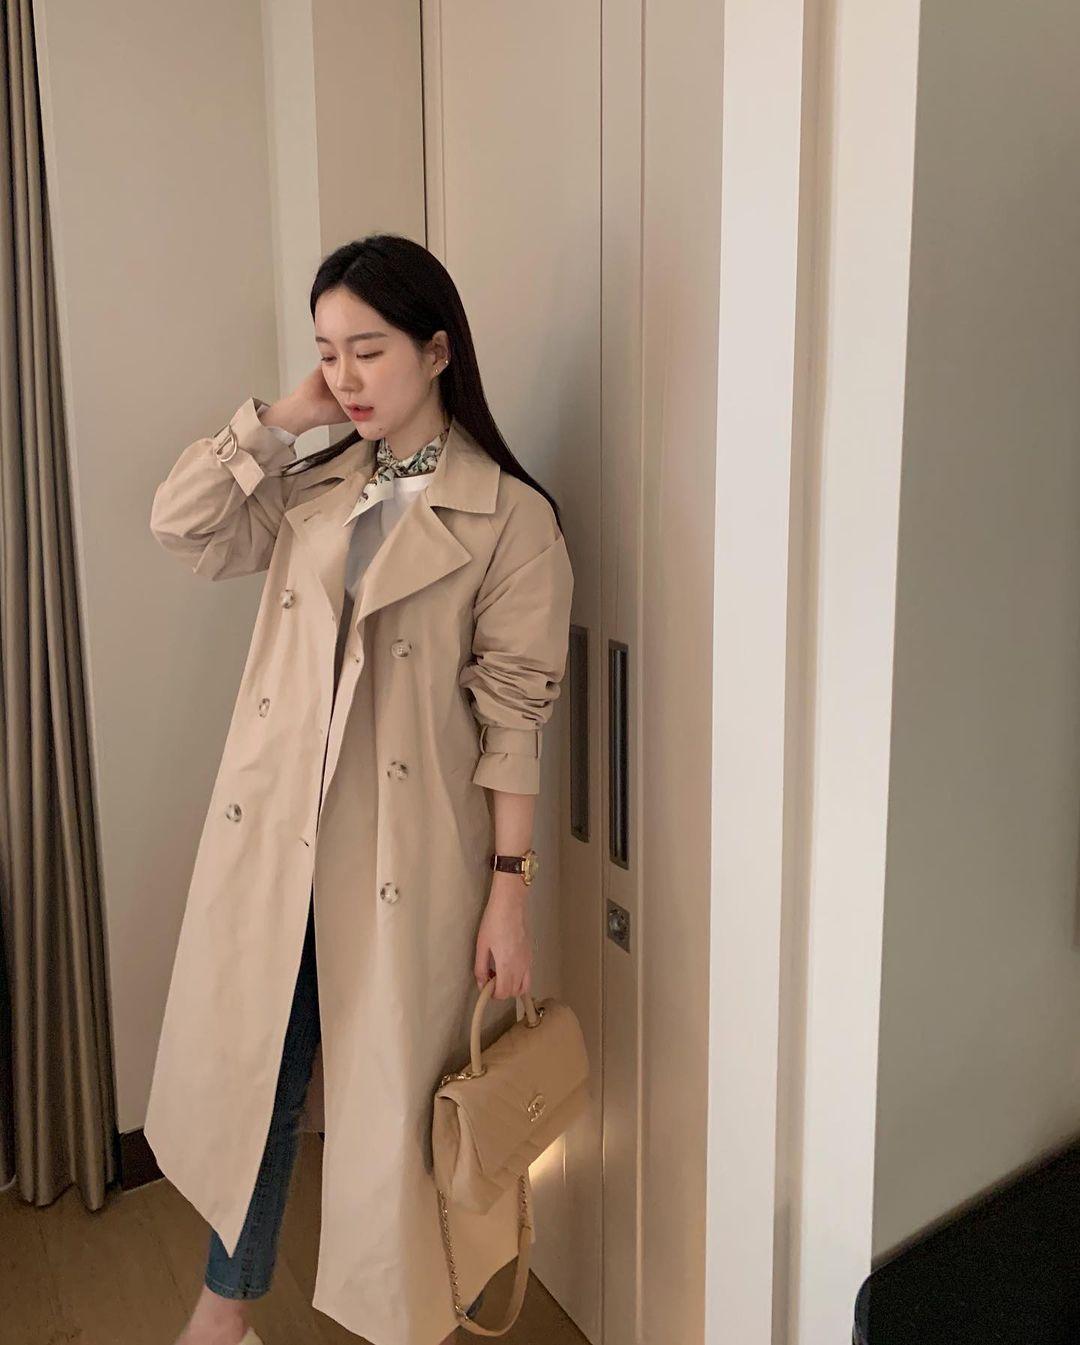 Mix & Phối - Chưa biết thời tiết Tết Tân Sửu ra sao, chị em nên sắm 6 items này để trời ấm hay lạnh cũng có thể 'cân' đẹp - chanvaydep.net 2